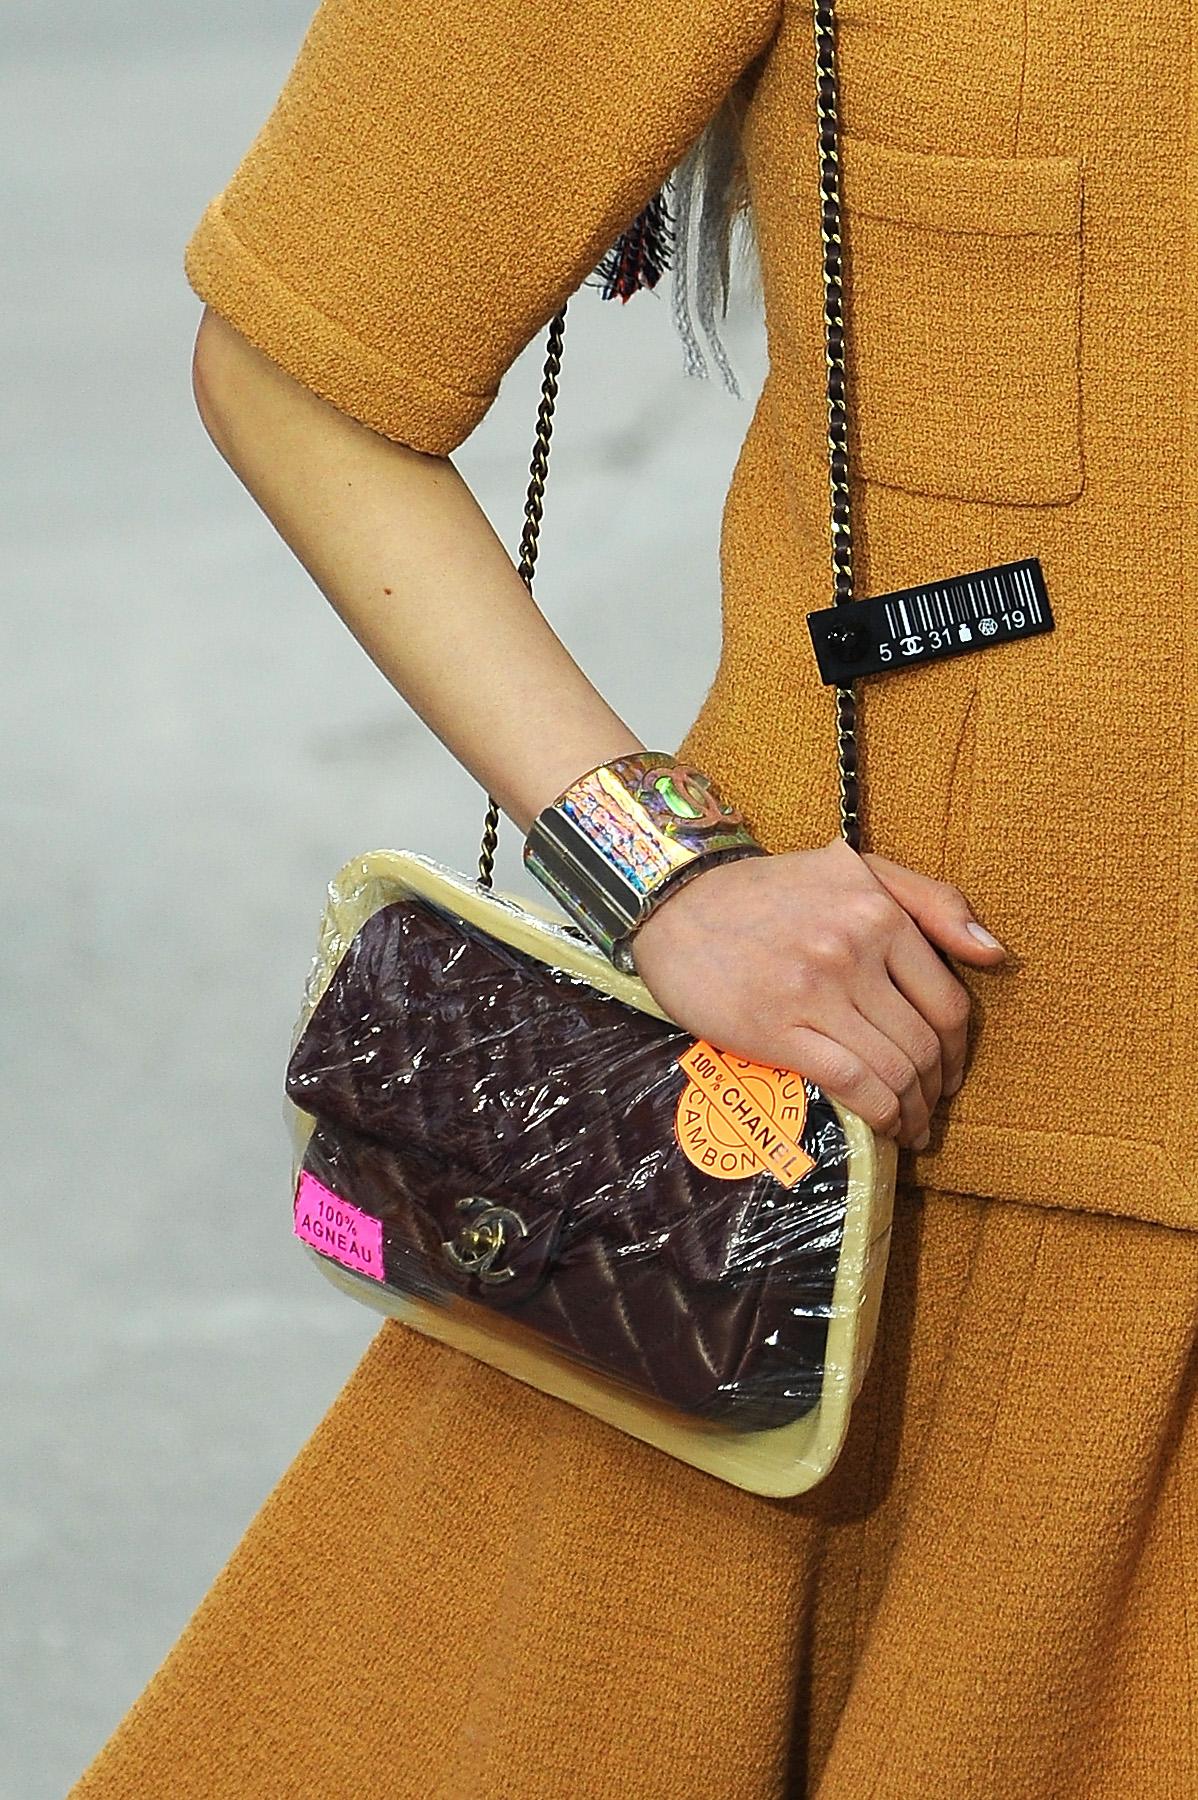 11. kép: Chanel táska 2014-ből